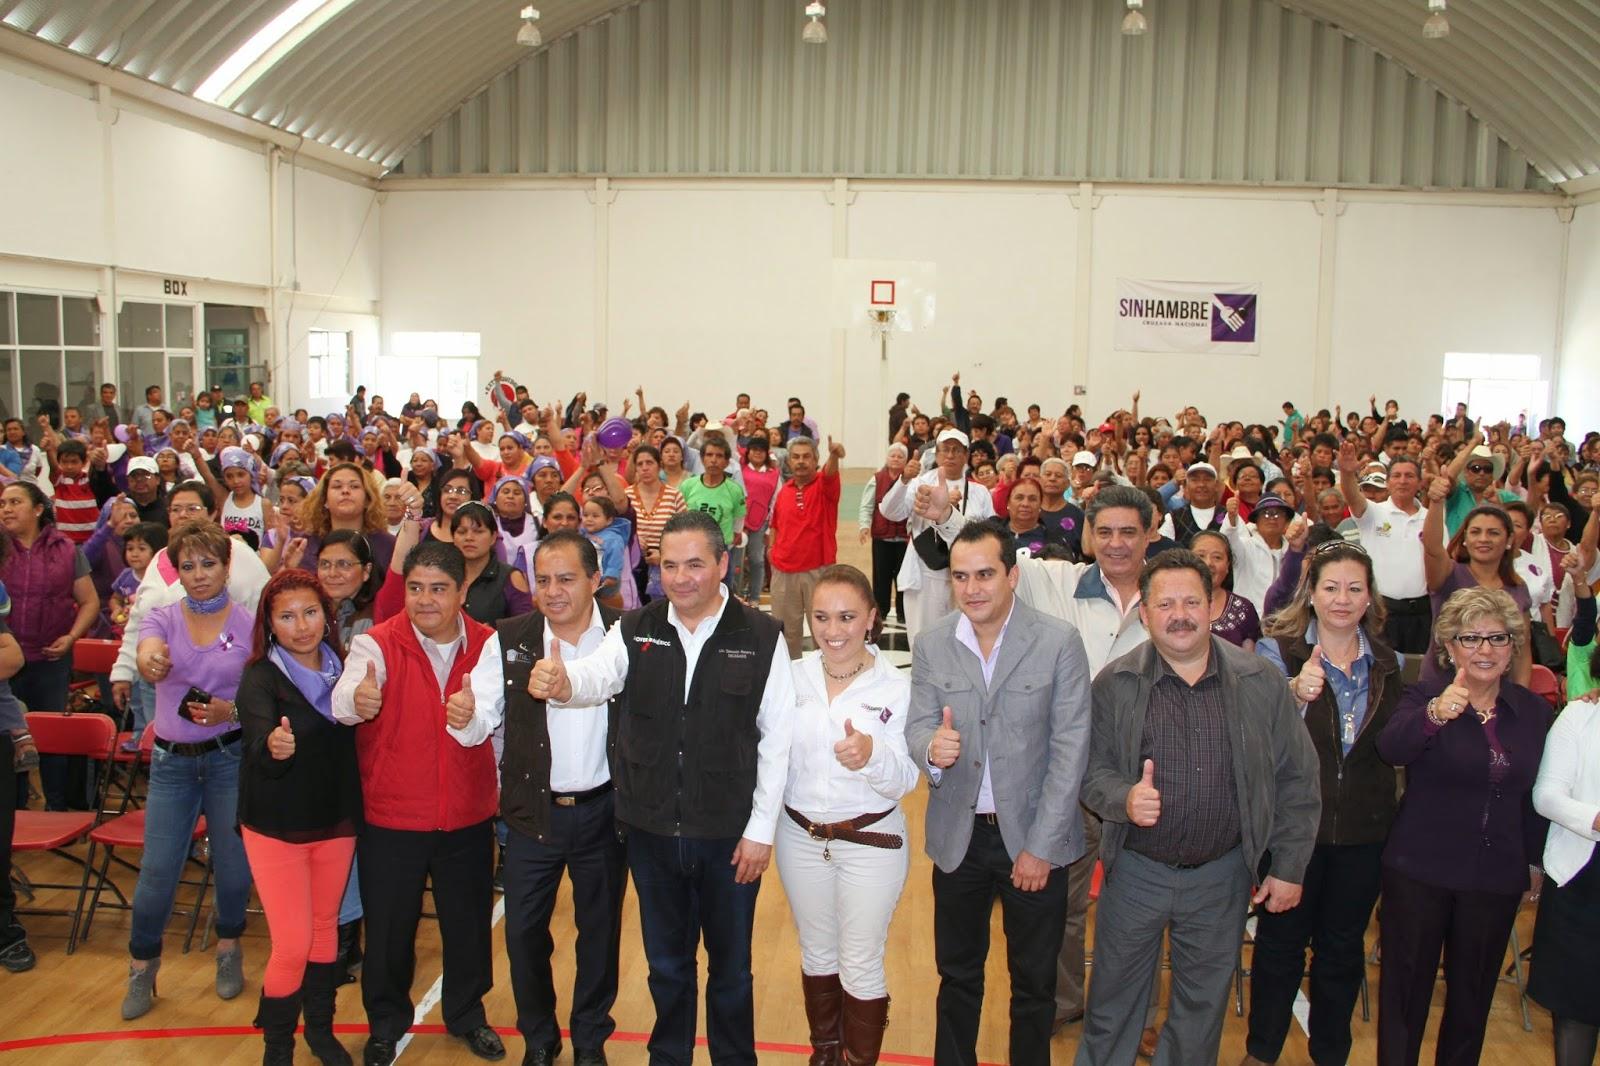 Aperturan Comedores Comunitarios En Tultitl N Y Coacalco